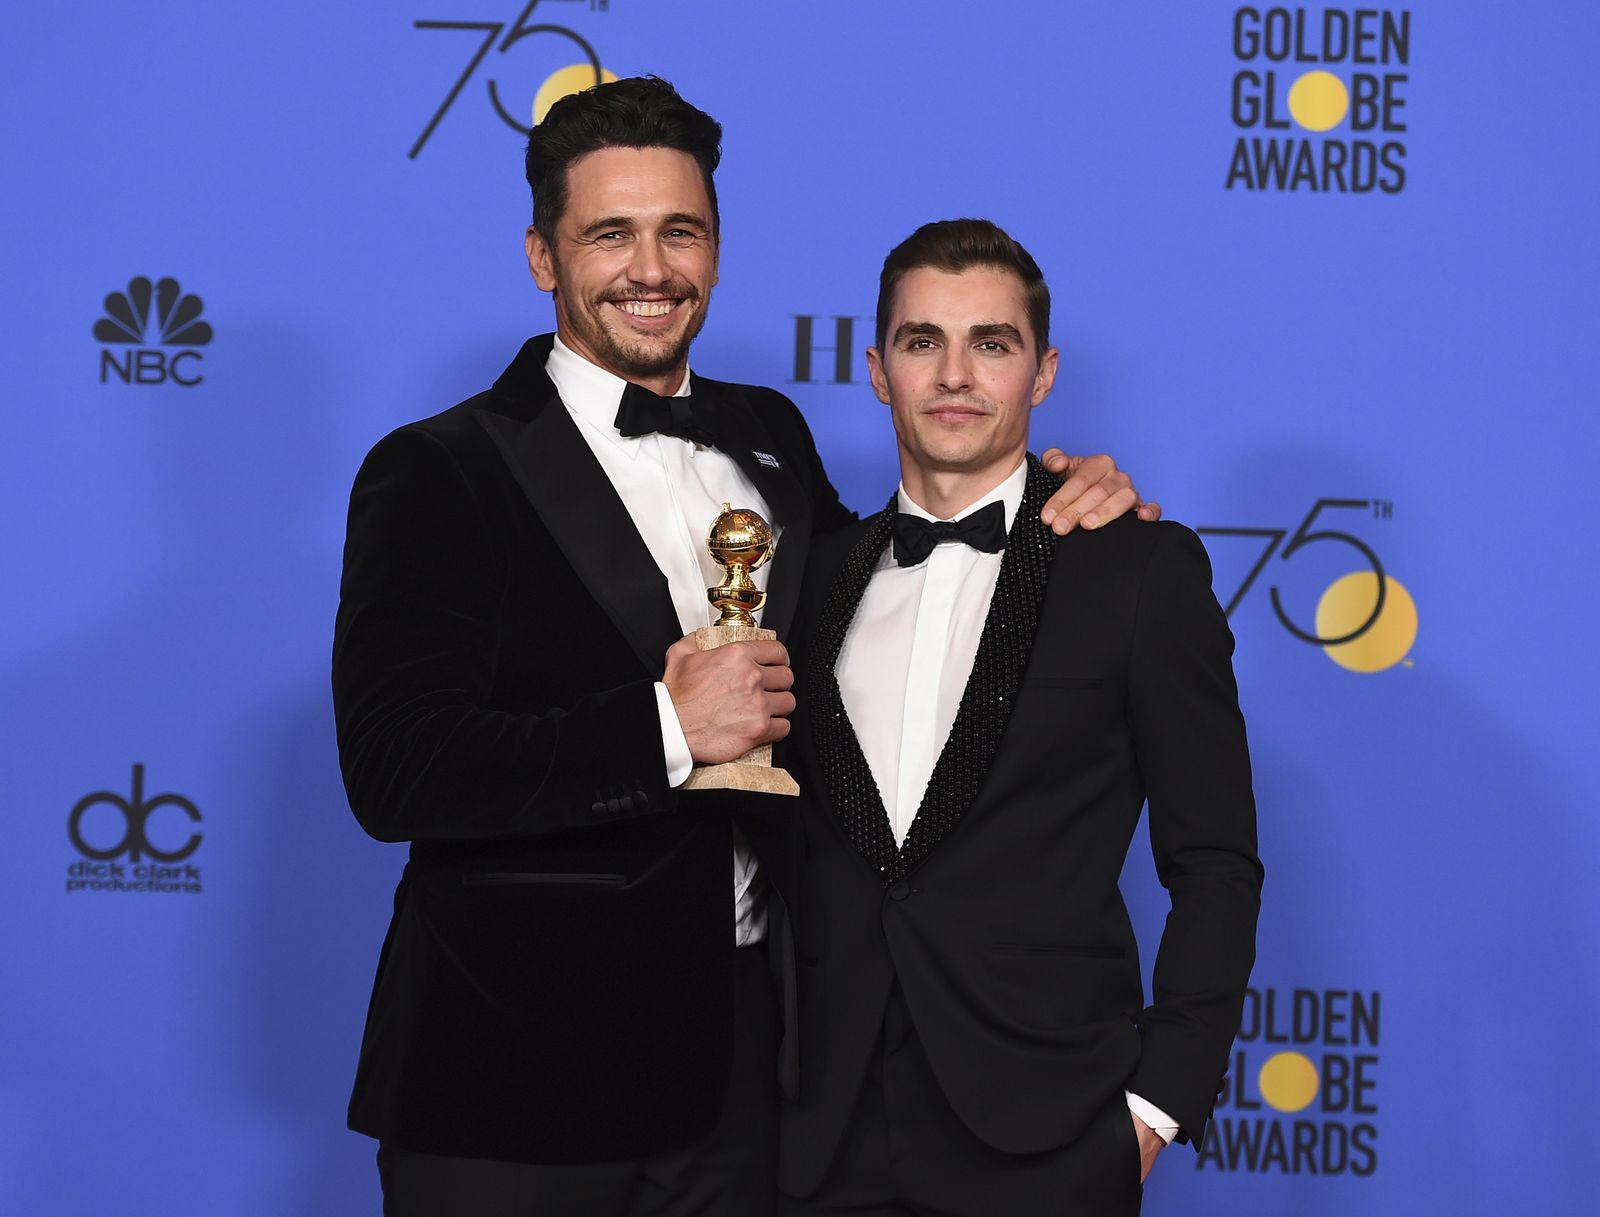 Golden Globes 2018/ James Franco